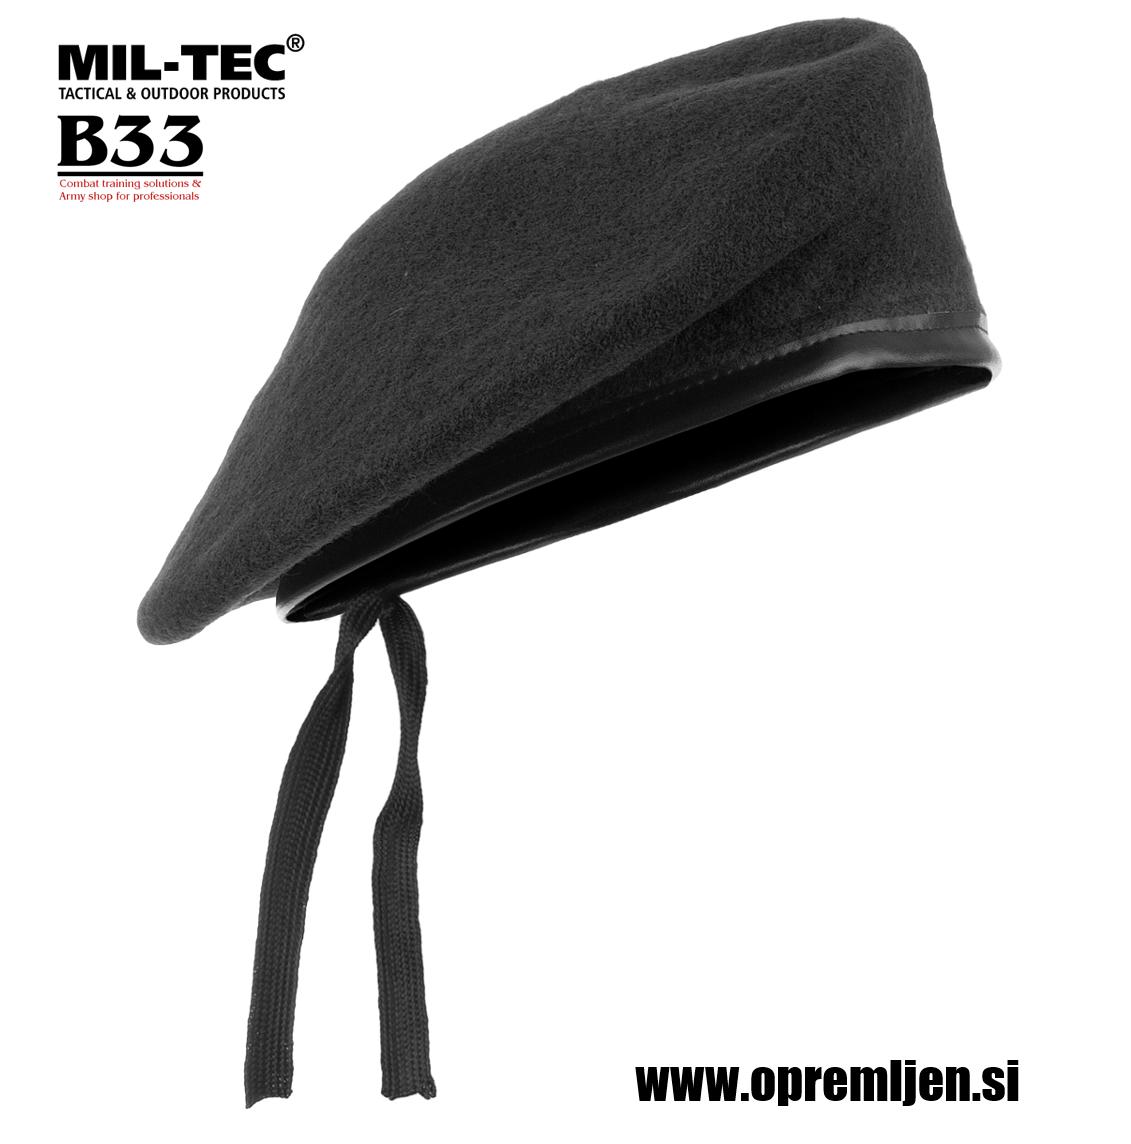 Vojaška beretka črne barve 100% volna MILTEC by B33 army shop at www.opremljen.si (trgovina z vojaško opremo, vojaška trgovina)